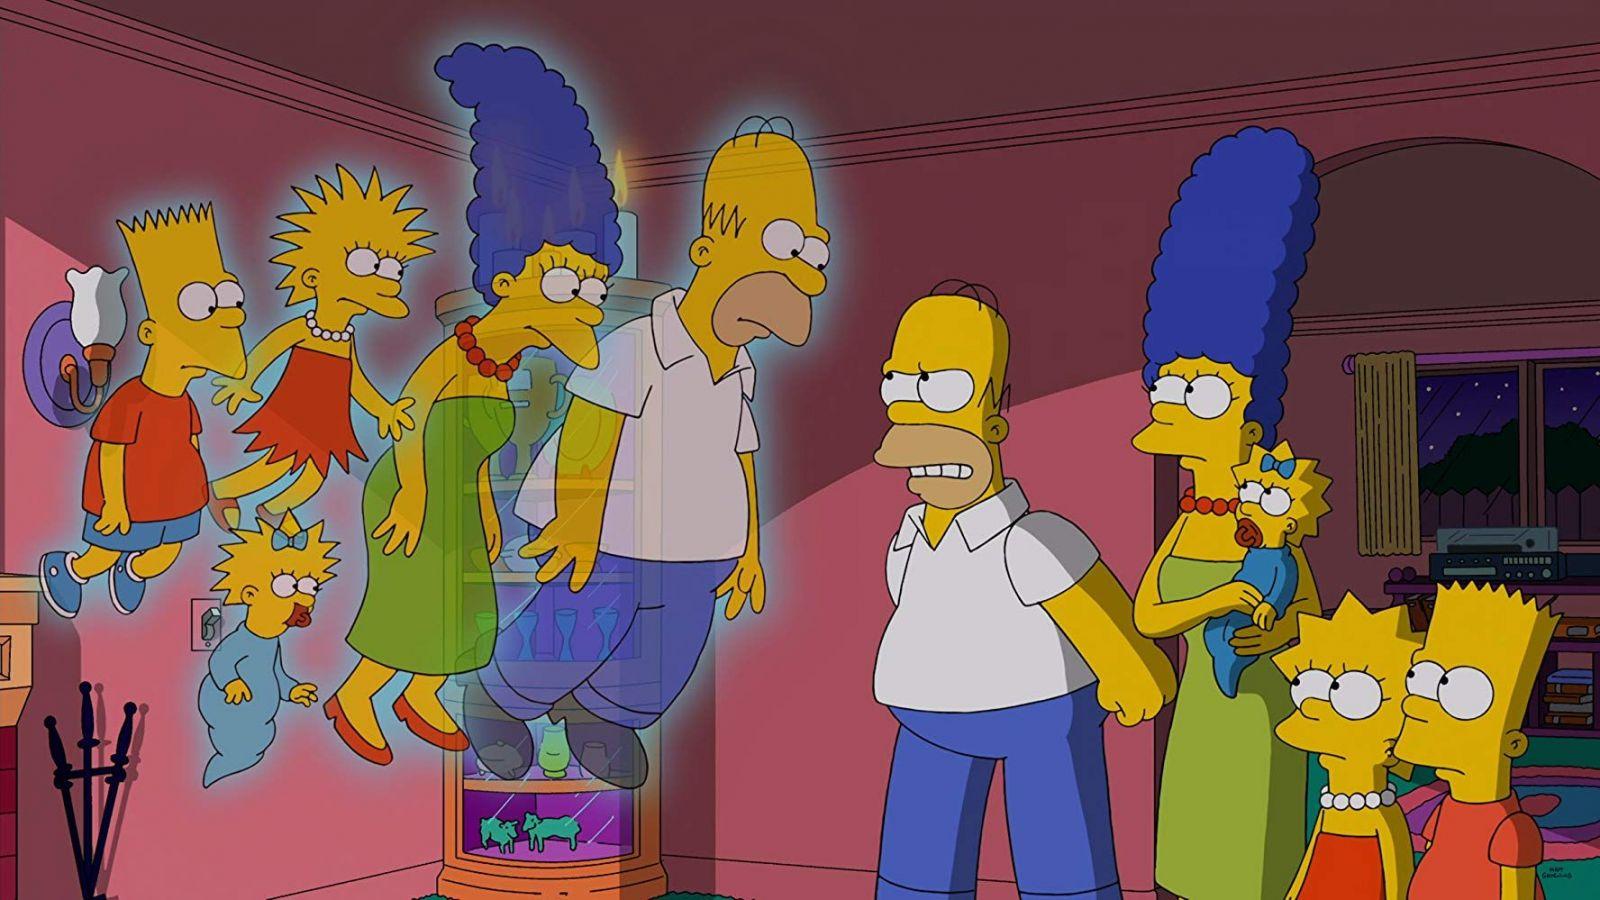 Simpsonovi jsou nudní, zastaralí a měli by skončit. Jsou Homer s Marge vyčpělí alkoholici a nastane konec seriálu příští rok?